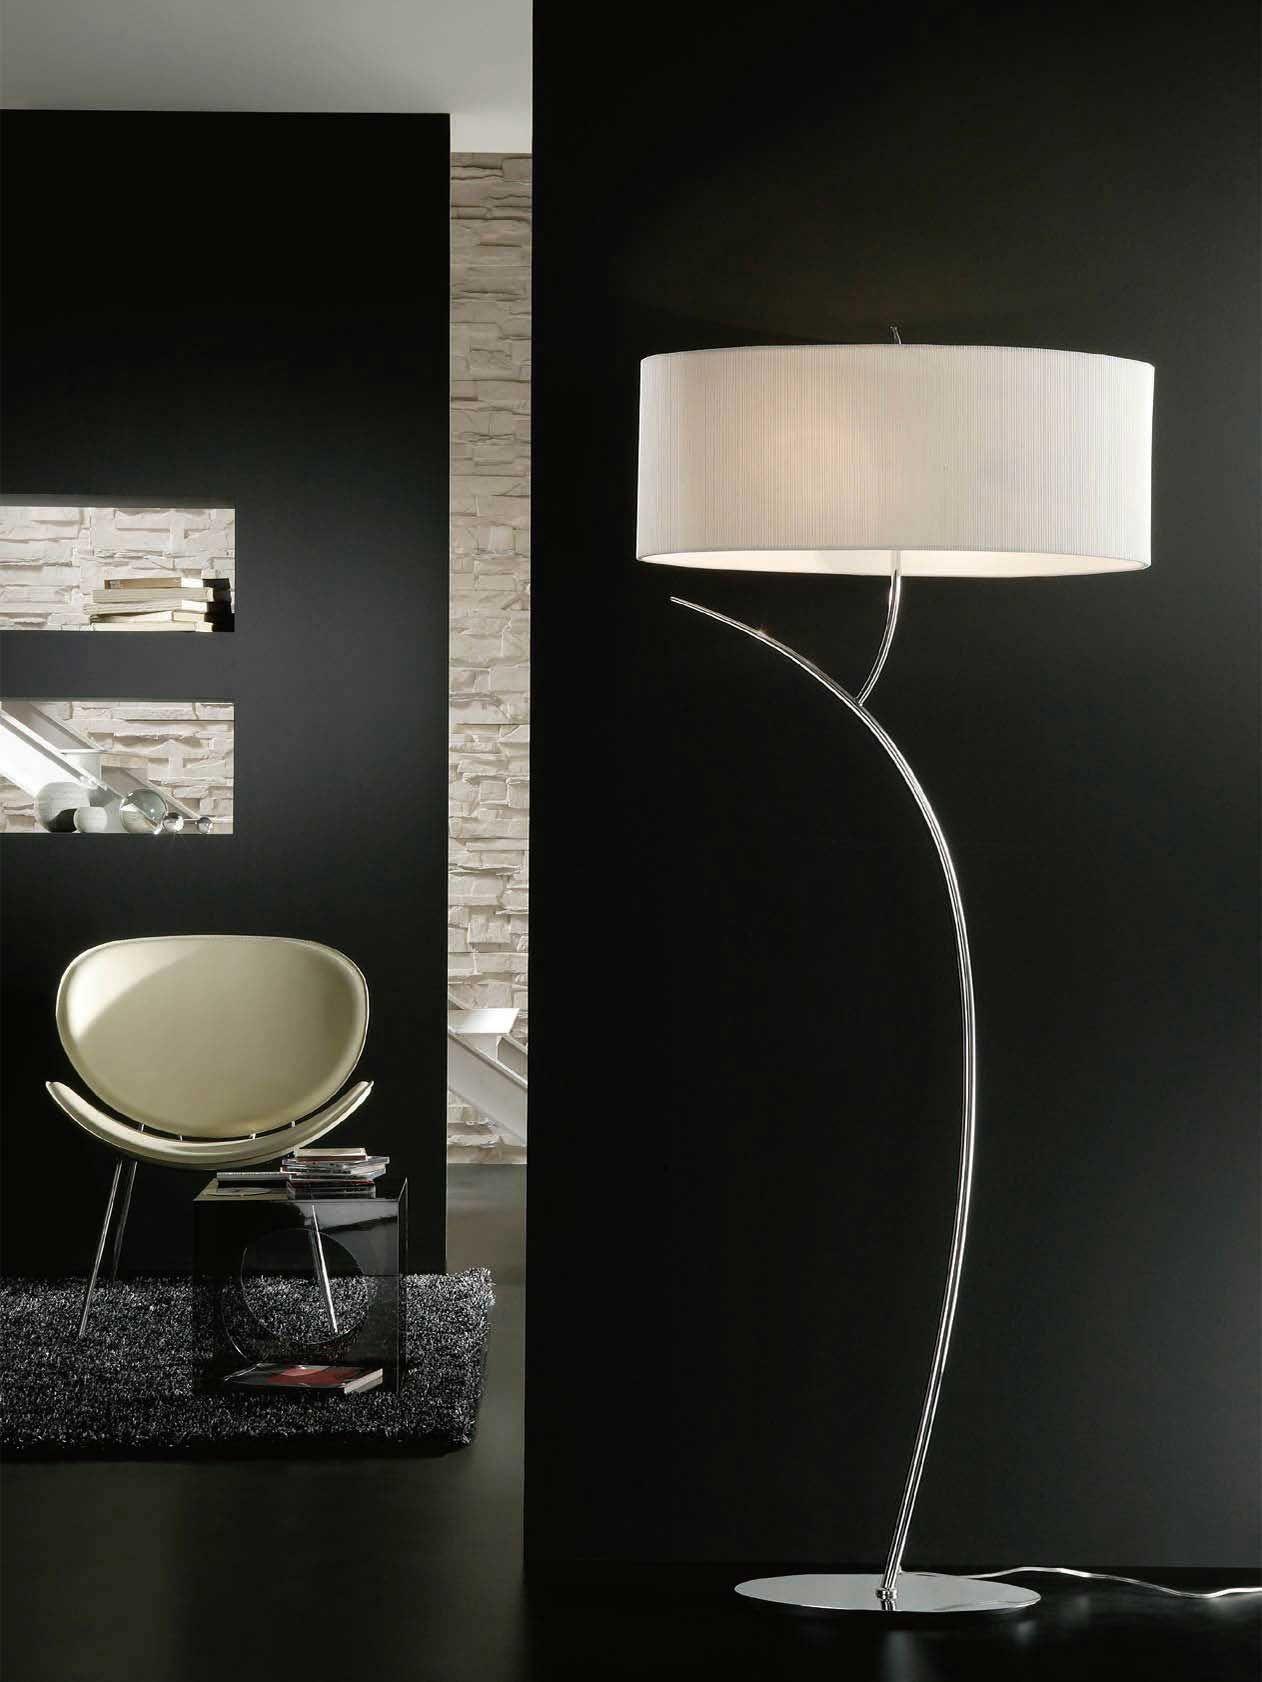 Full Size of Stehleuchte Wohnzimmer Ikea Dimmbar Stehleuchten Modern Design Led Lampe Leuchte Moderne Mantra Stehlampe Eve Kaufen Im Borono Online Shop In 2020 Bilder Xxl Wohnzimmer Stehleuchte Wohnzimmer